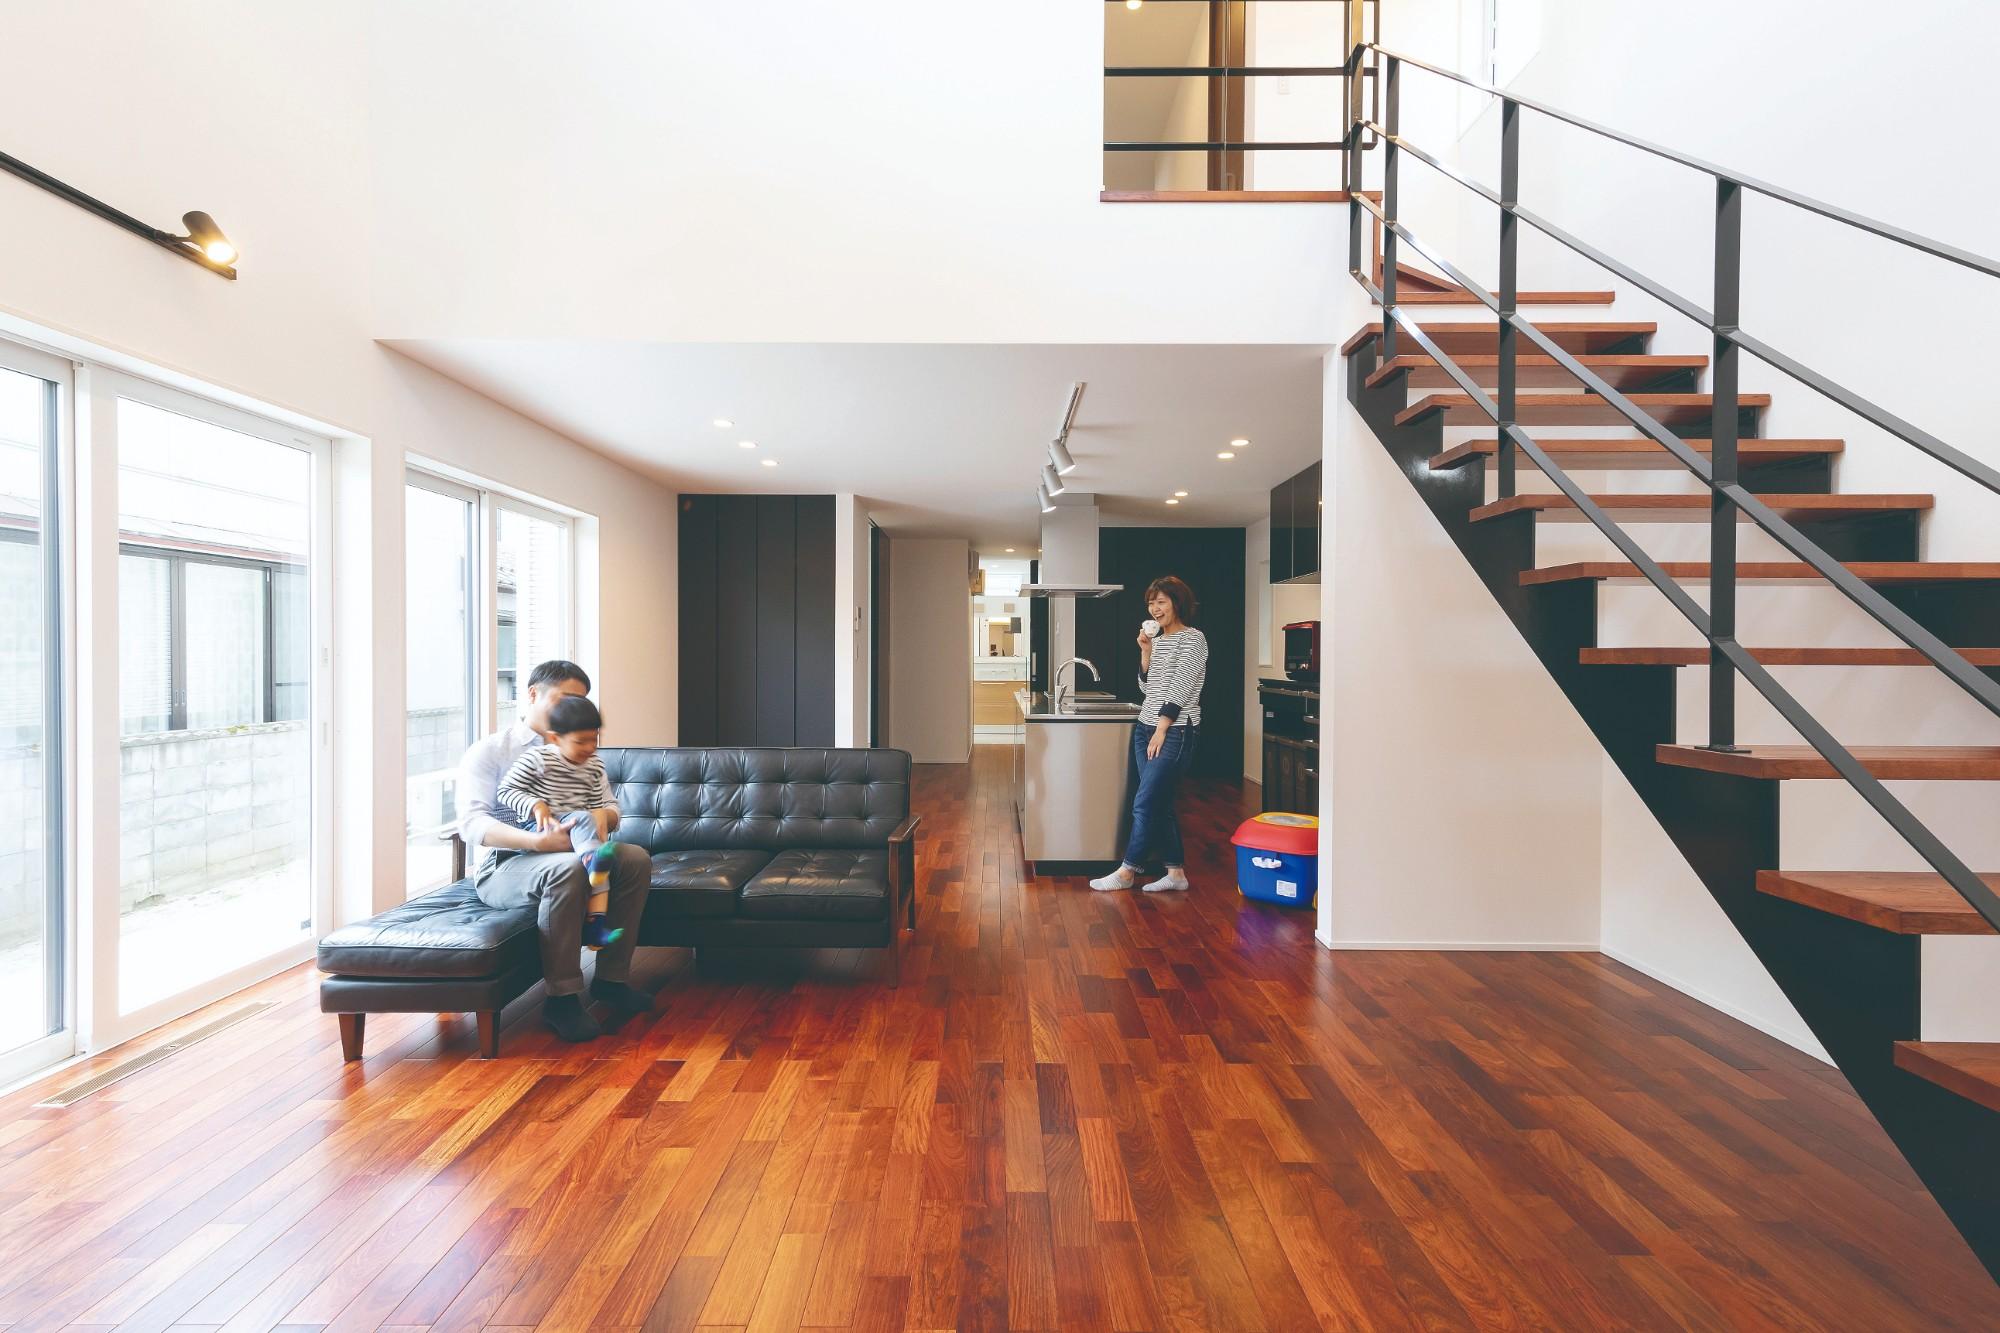 カリンの床が豊かな表情を演出。吹き抜けから光が注ぐLDKは、洗練された雰囲気が印象的。